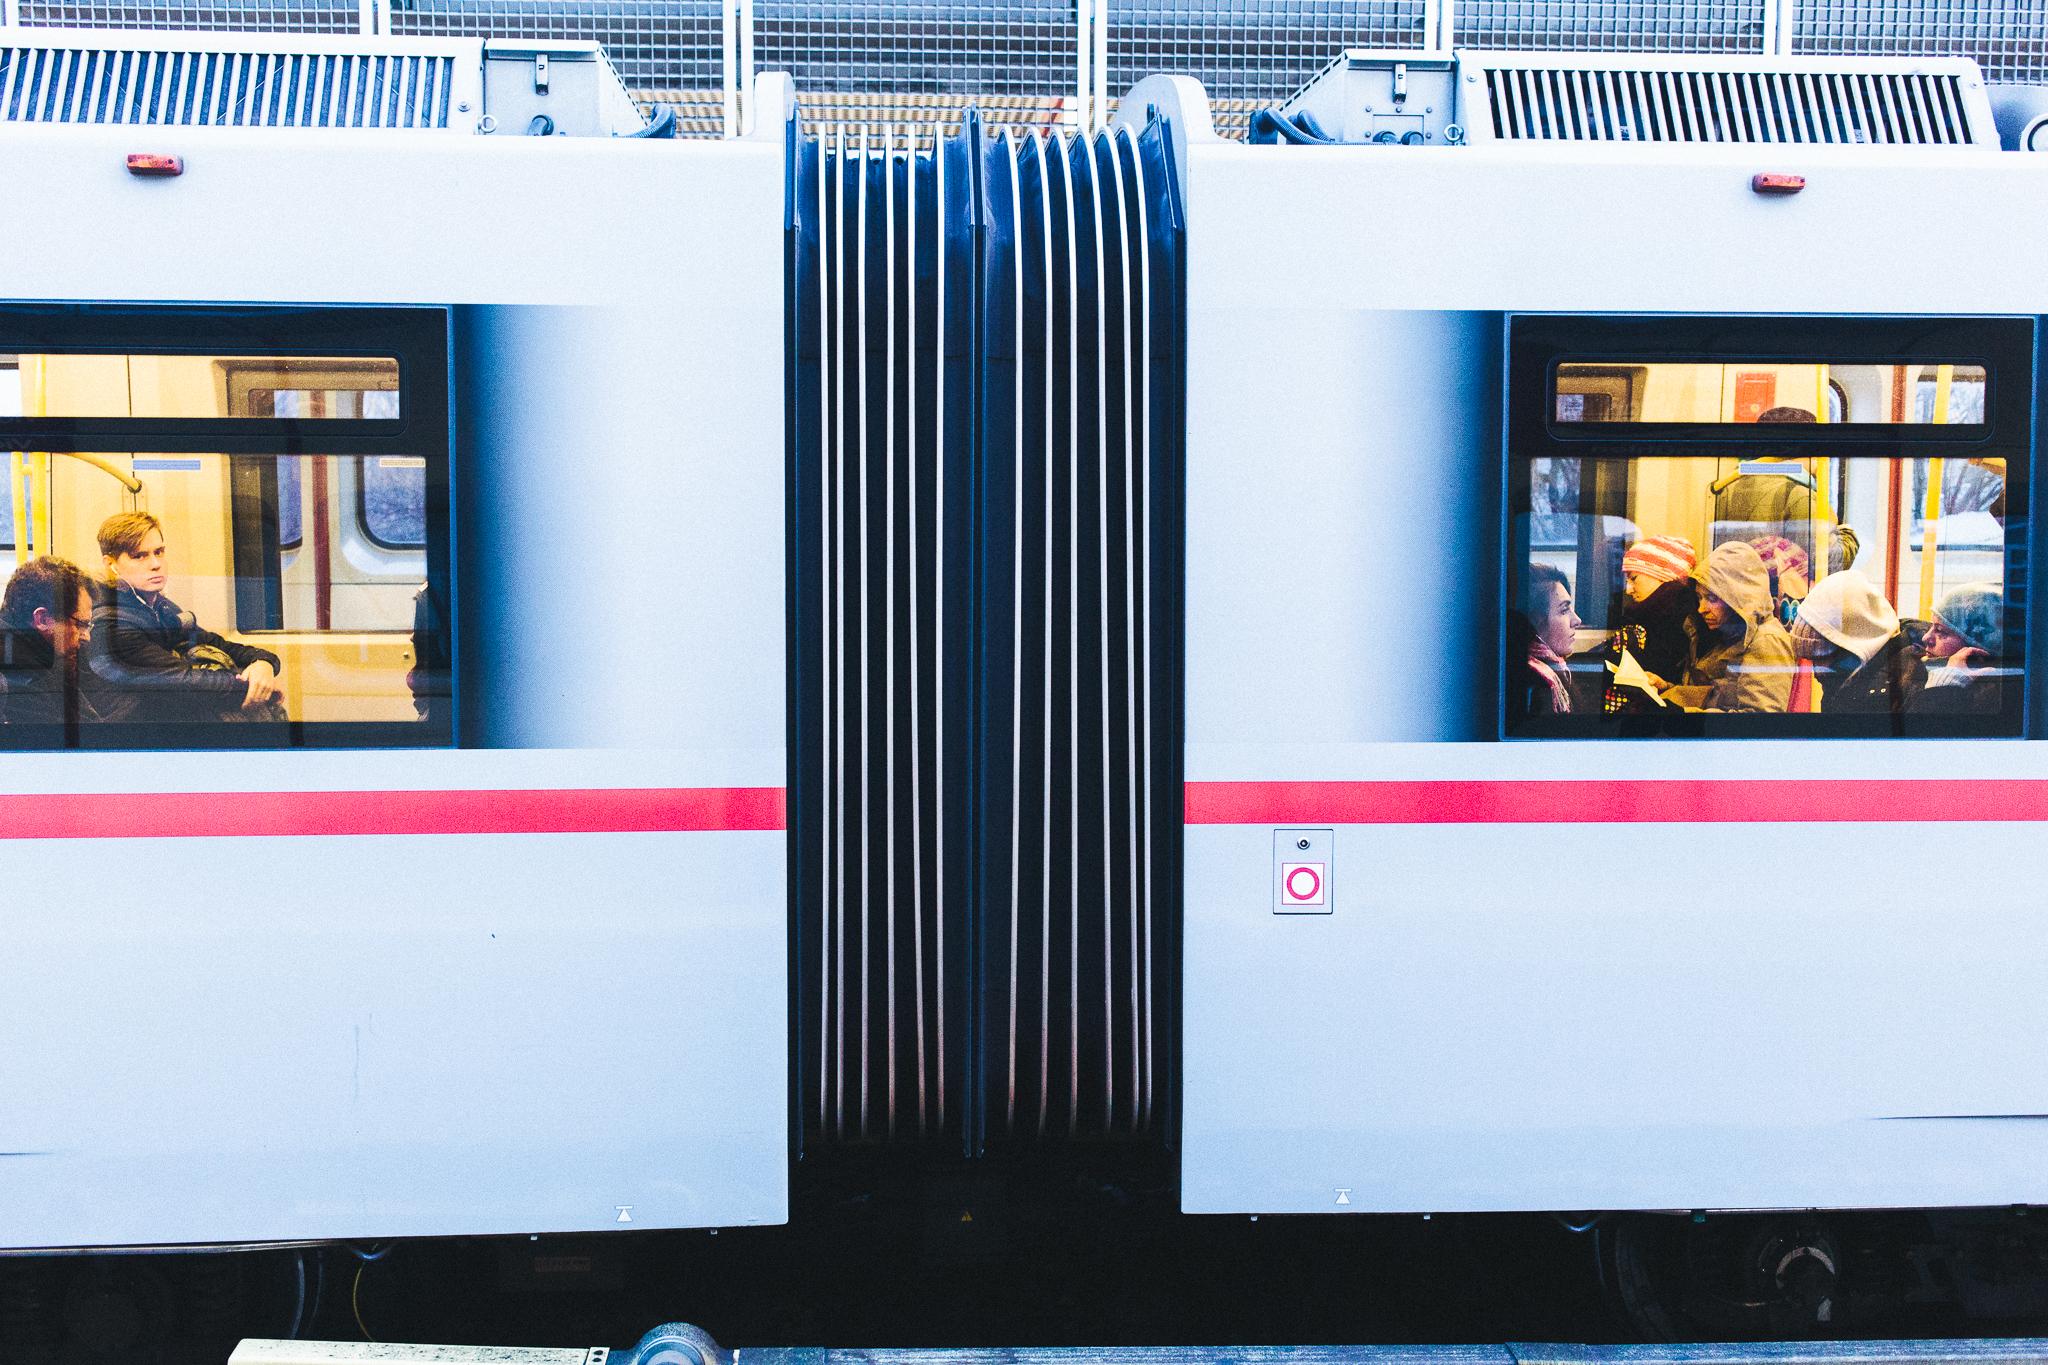 Wienin metro toimii kuin junan vessa